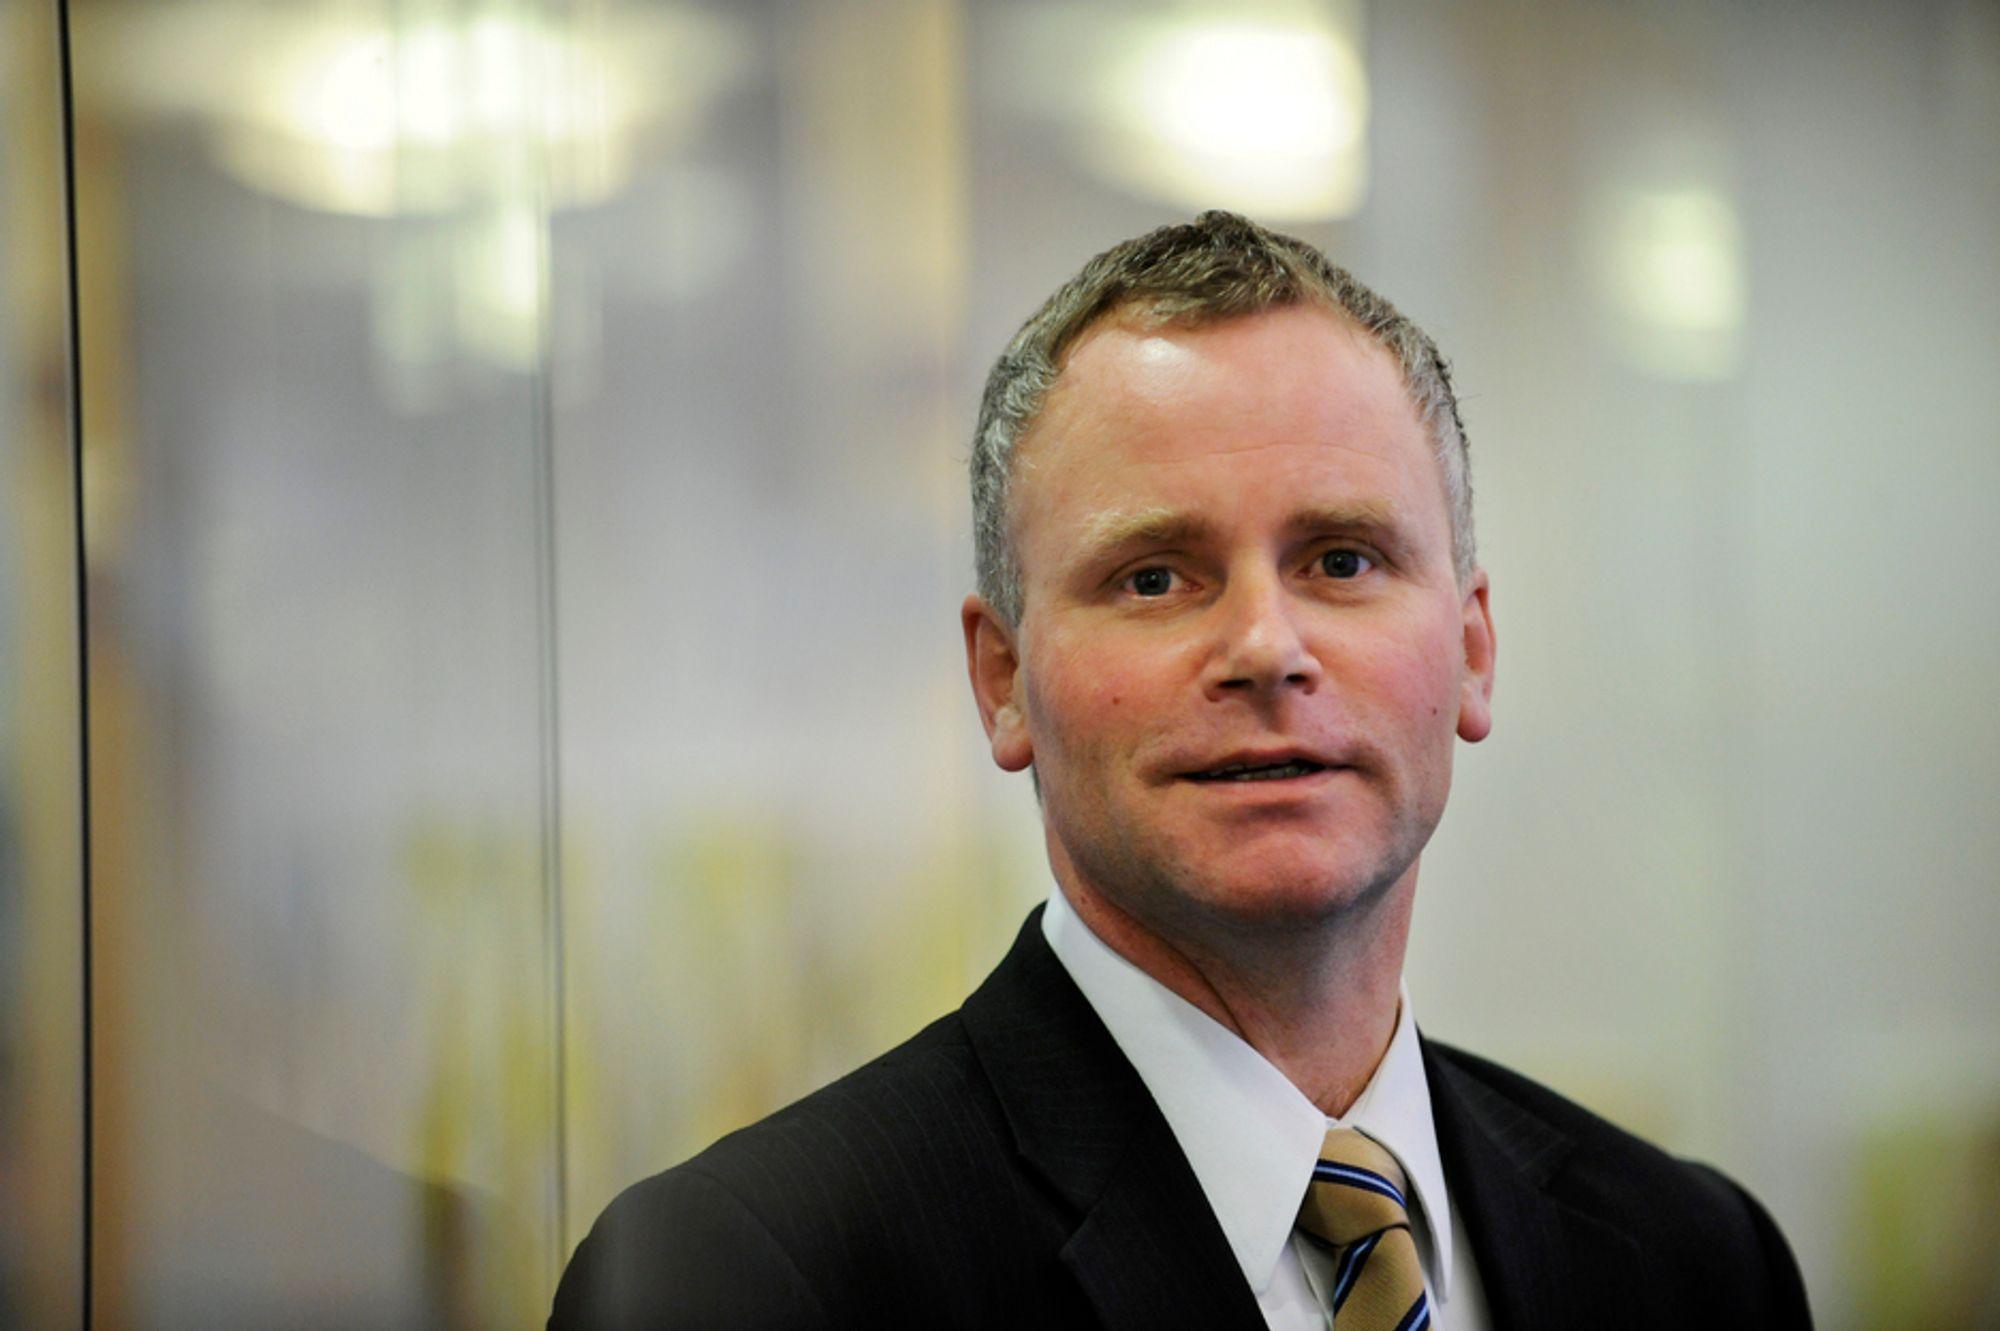 PRISSAMARBEID: Etterforskningsdirektør Eirik Stolt-Nielsen frykter at det er uavdekket prissamarbeid i bygge og anleggsnæringen.